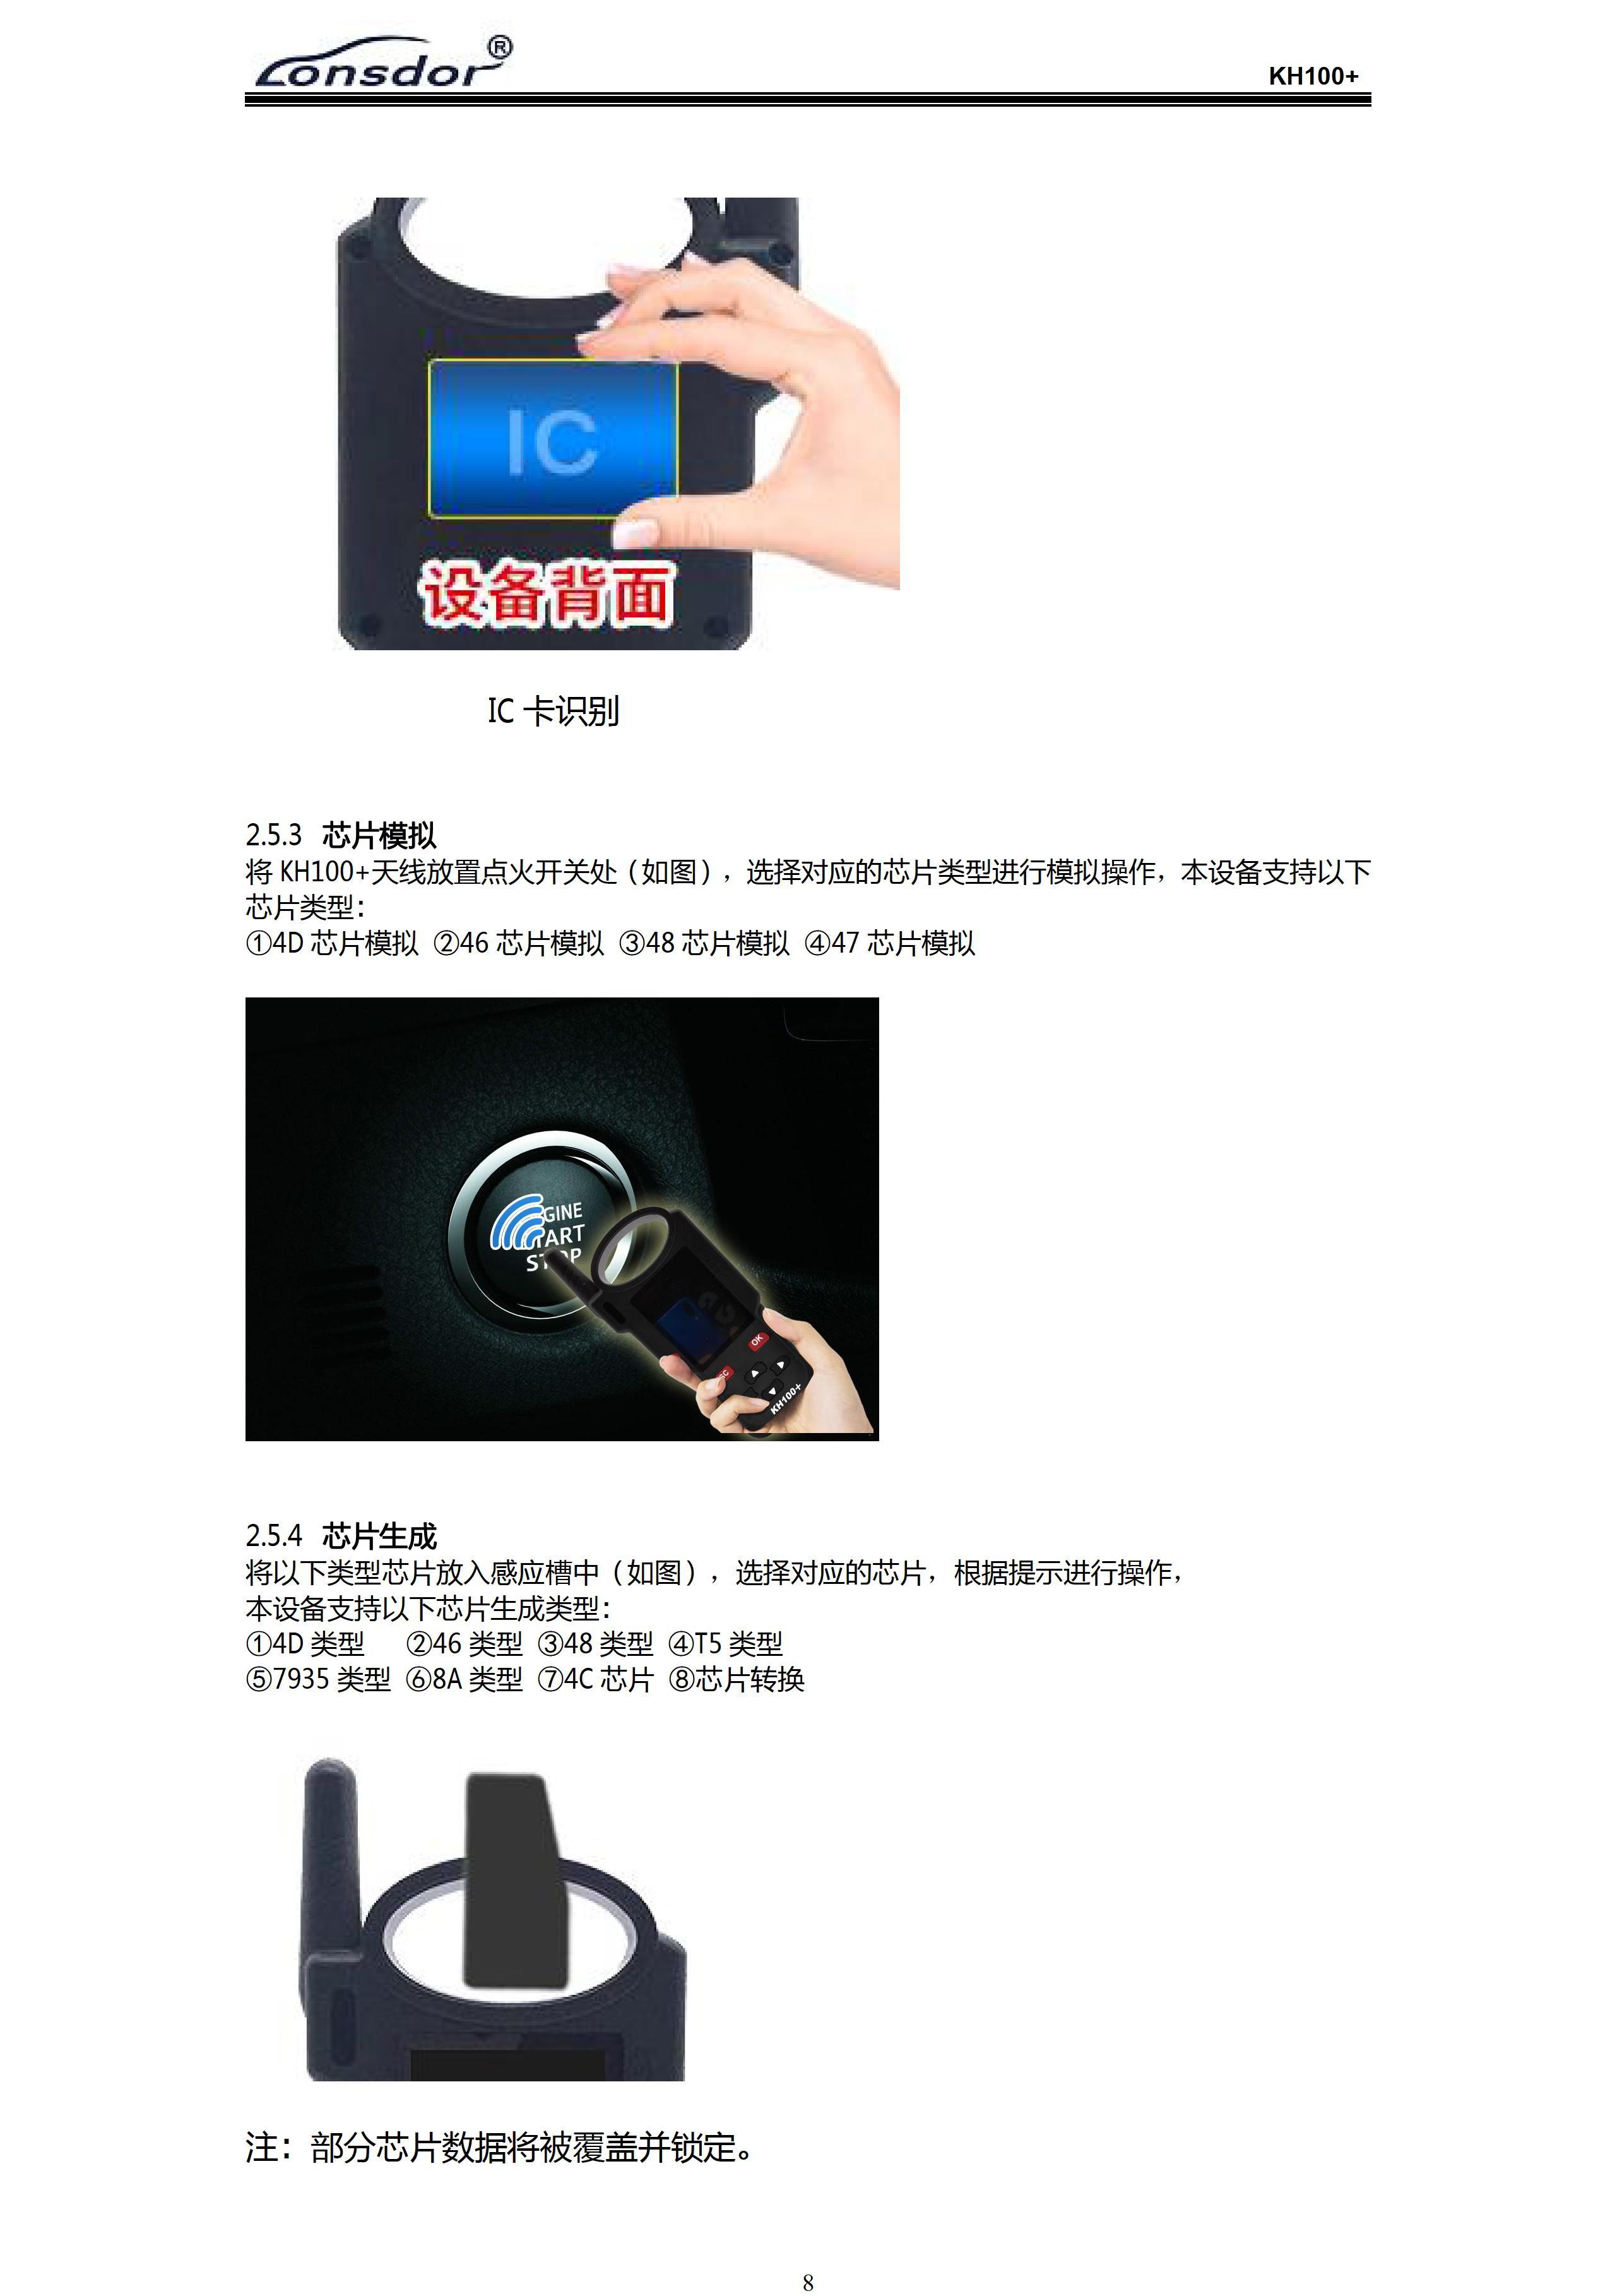 KH100说明书(110mmX75mm彩色印刷)正式版20200318 - 0009